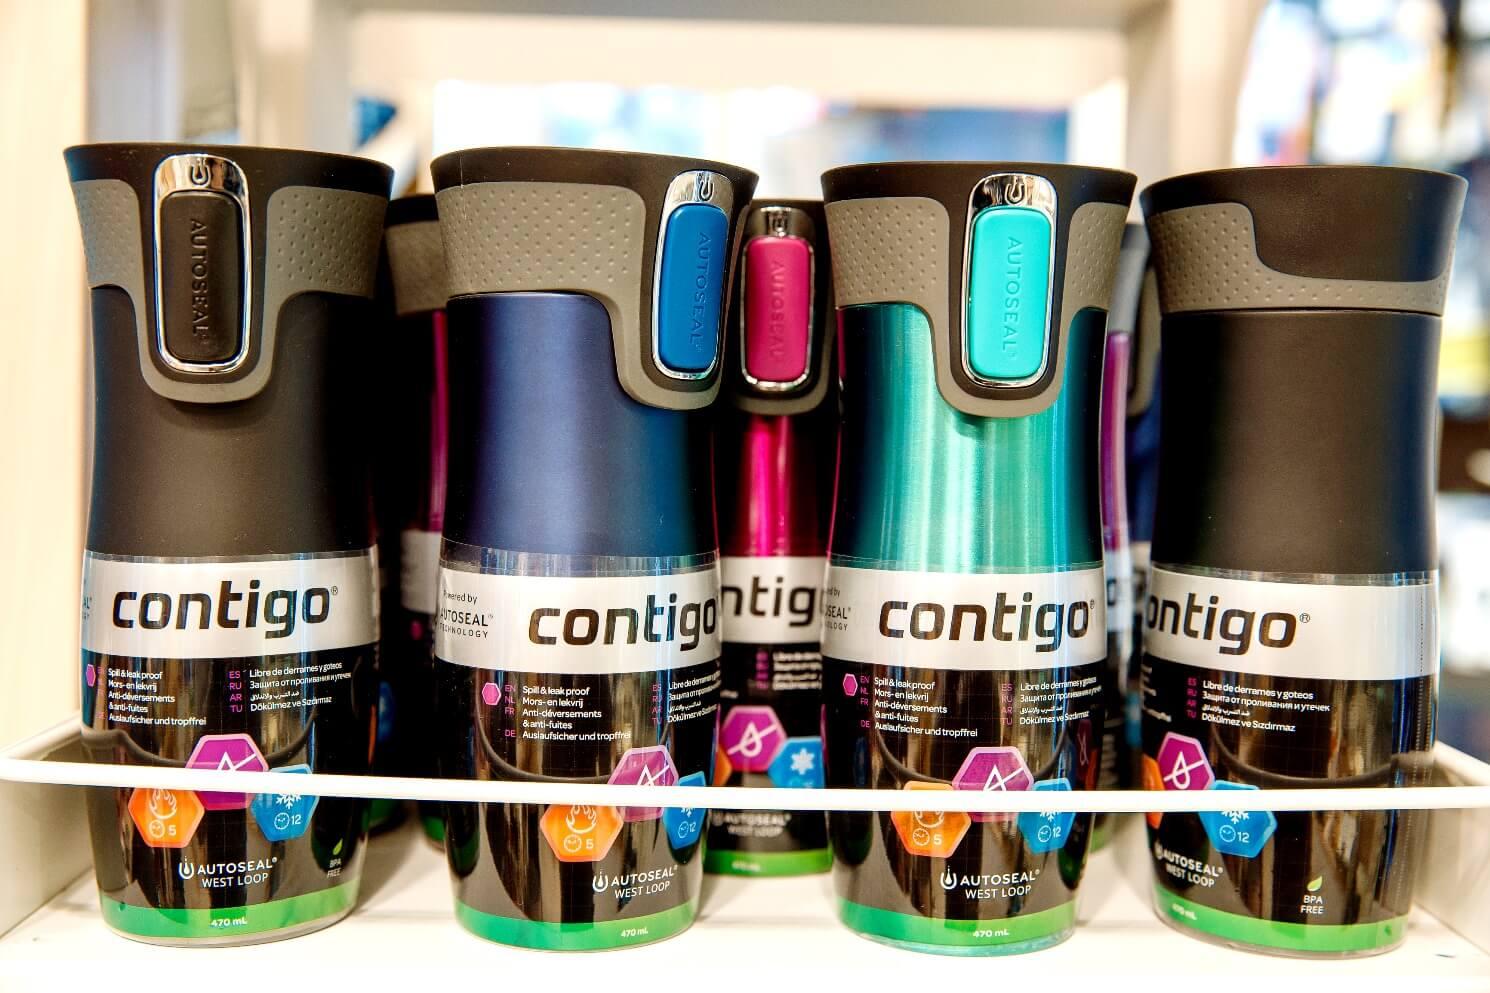 Термостакан Contigo West Loop, объем 0,47 л, фиолетовый Contigo 1000-0016/70006 фото 3